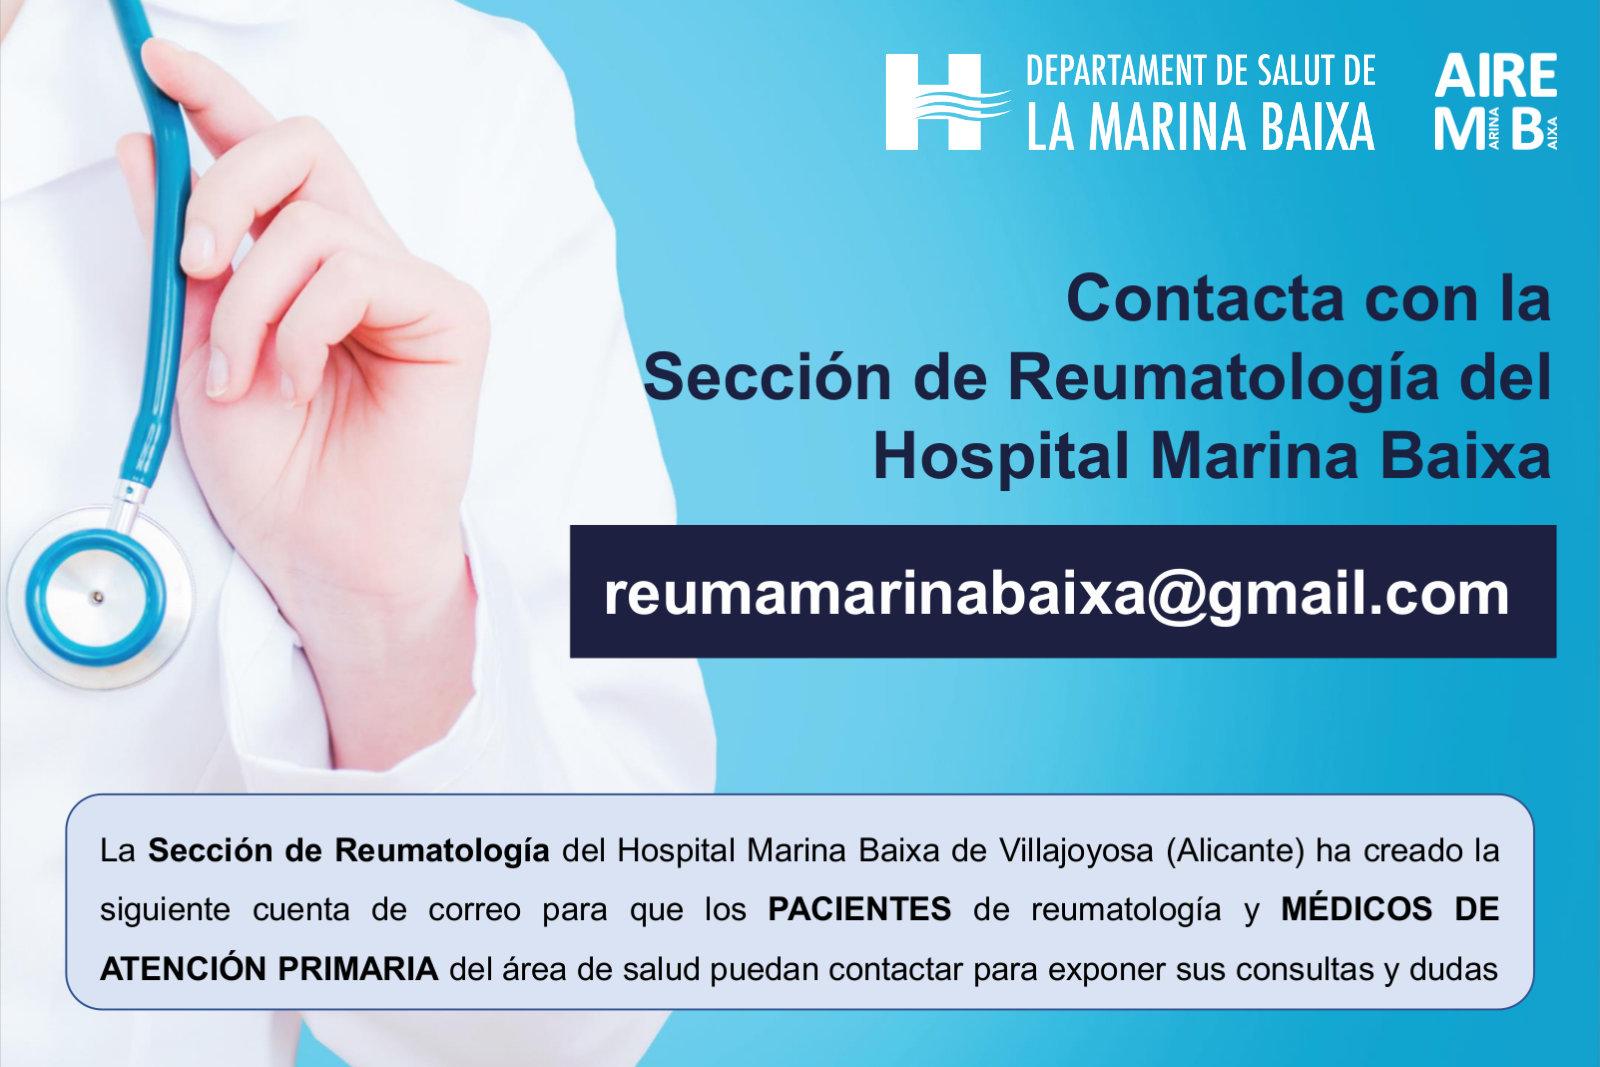 Contacta con la Sección de Reumatología del Hospital Marina Baixa de Villajoyosa (Alicante)